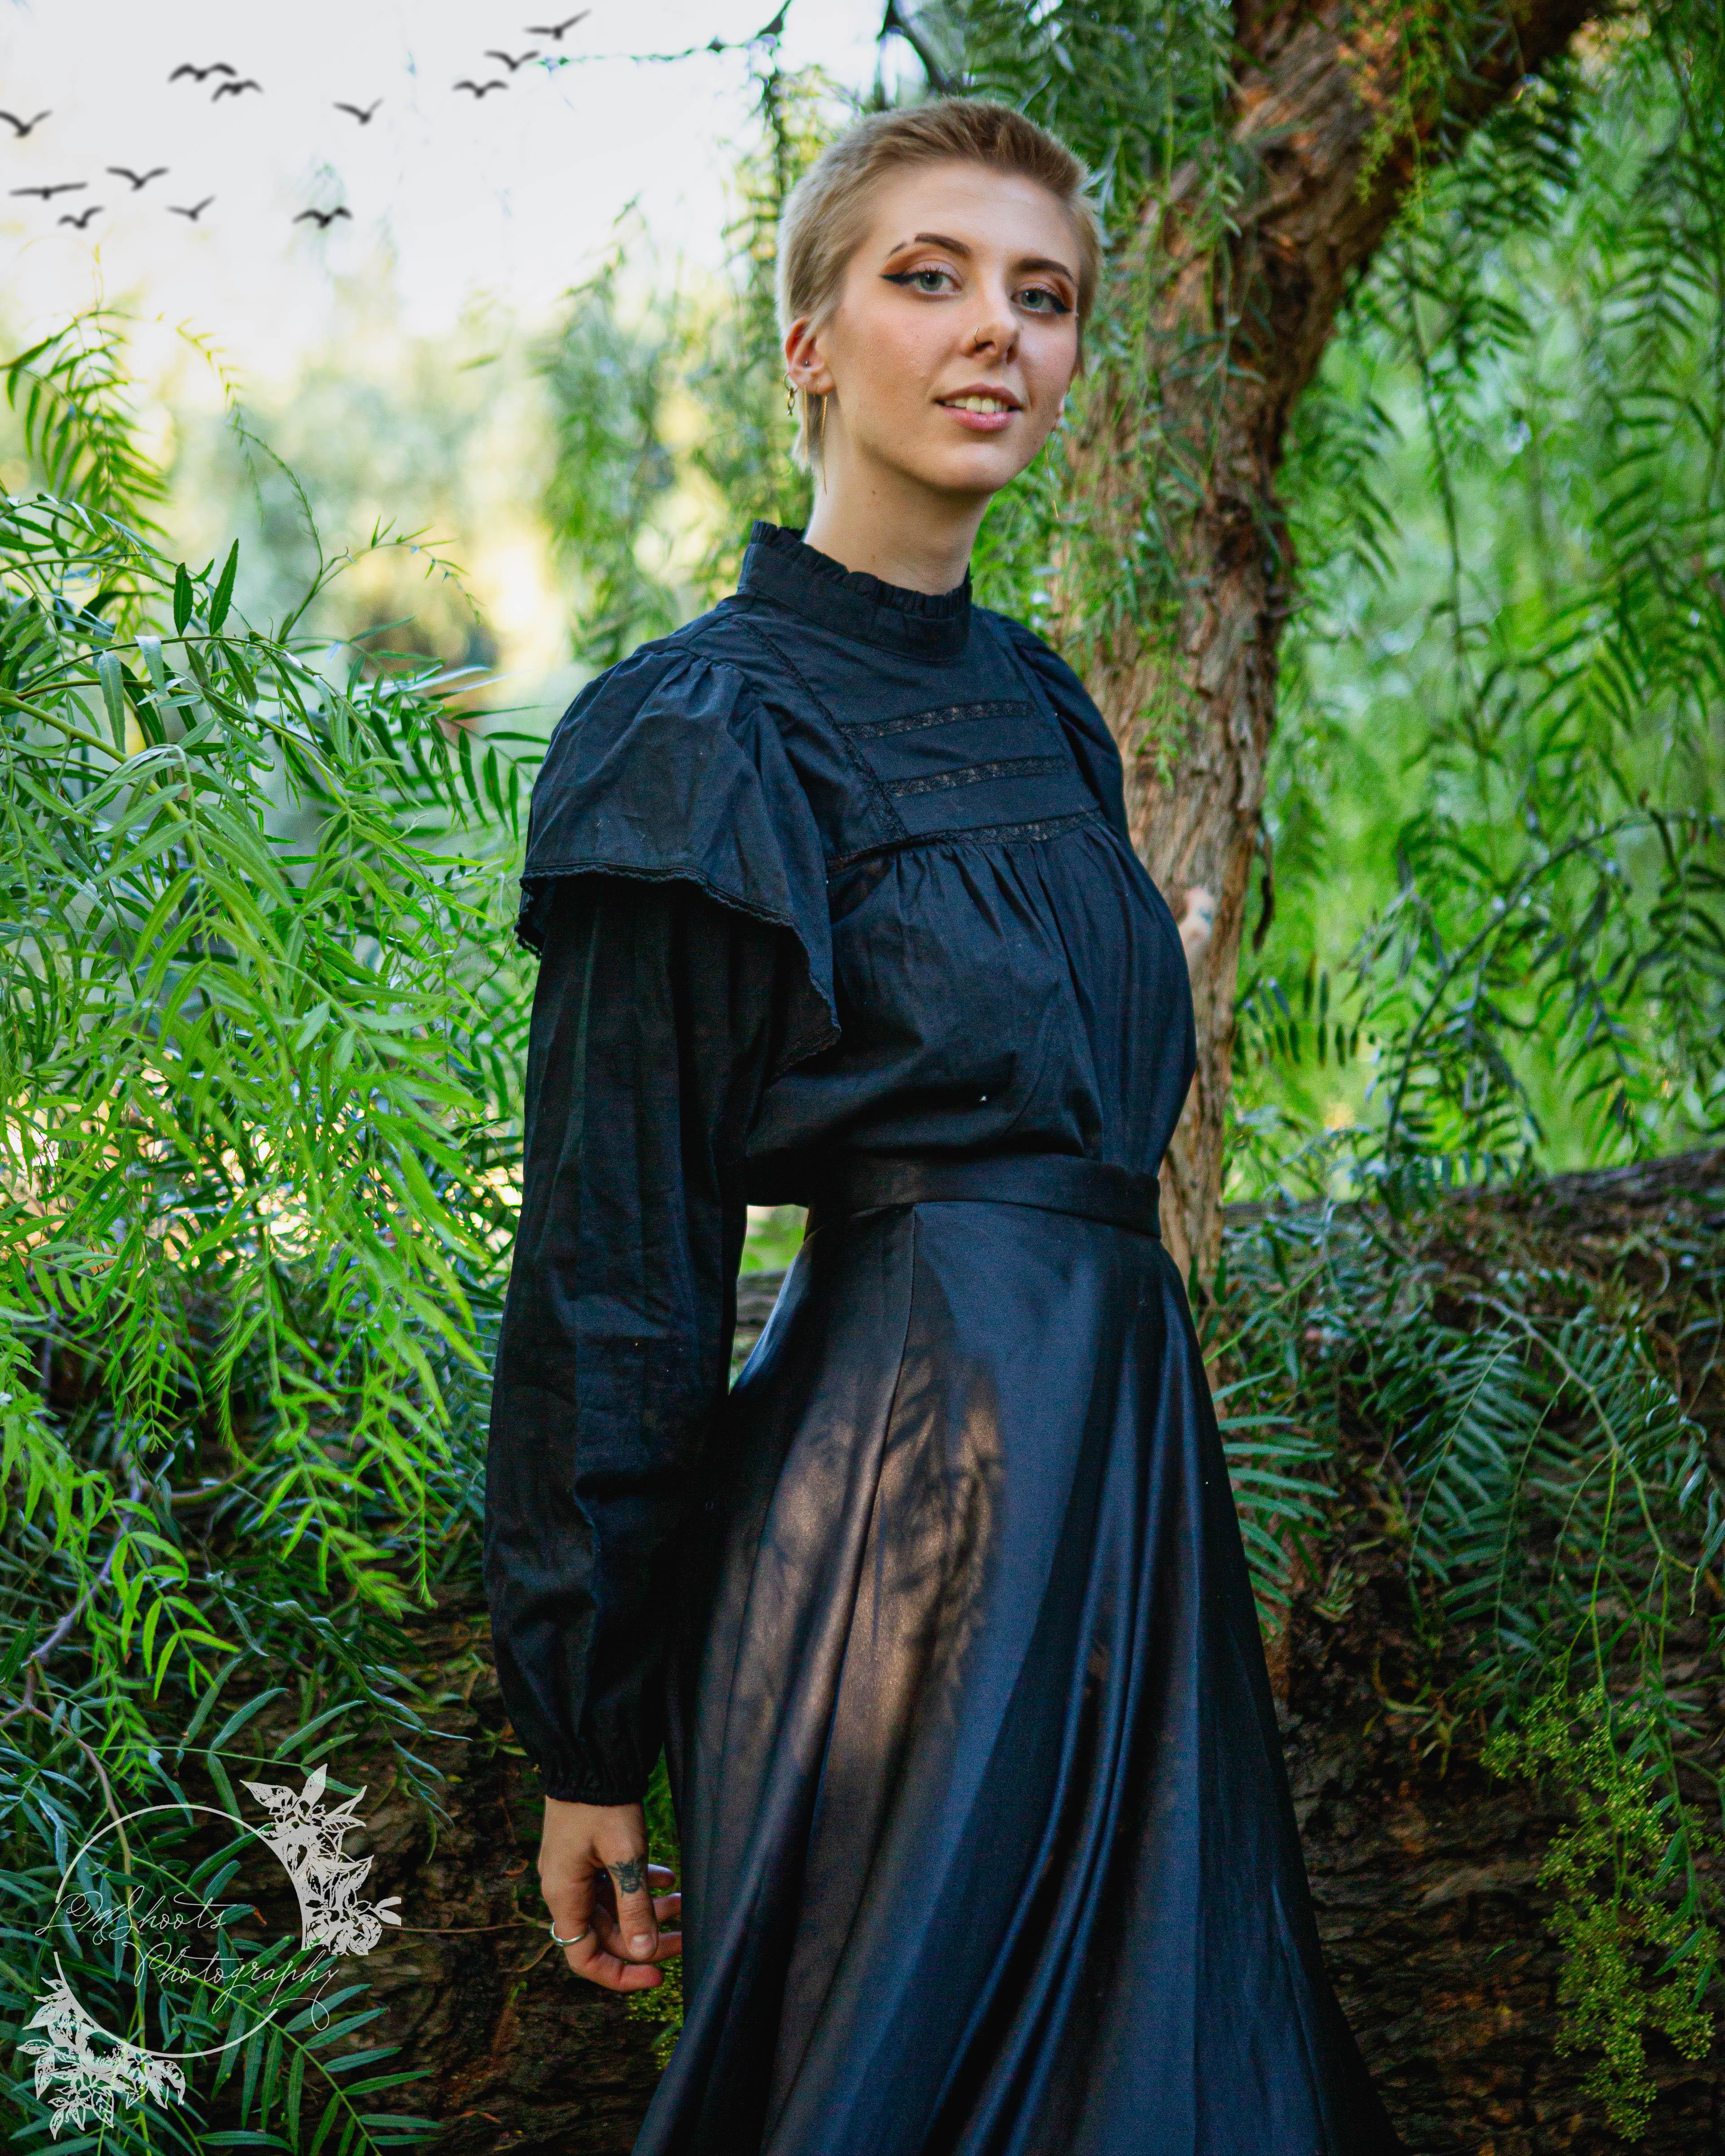 senior in a goth dress